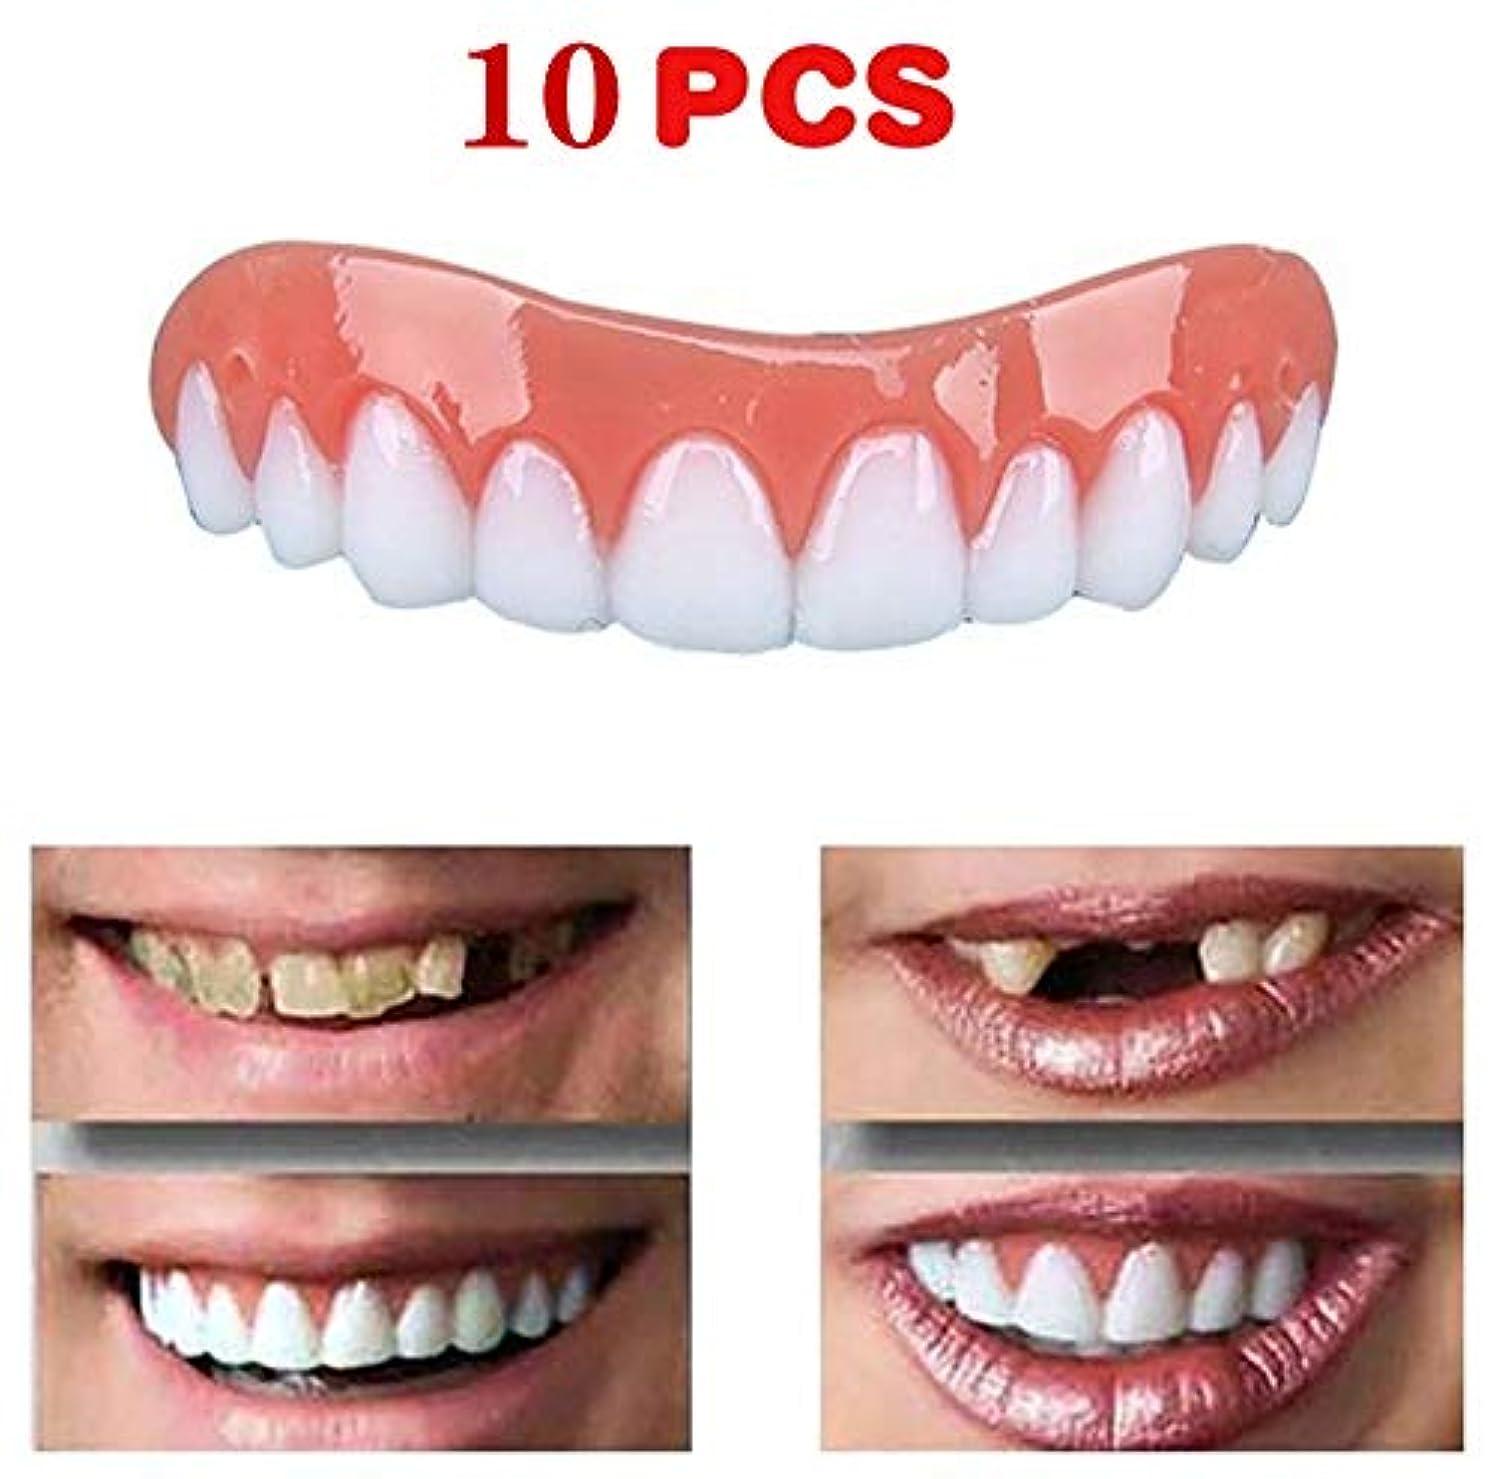 待ってラグ簡略化する新しい再利用可能な大人のスナップオンパーフェクトスマイルホワイトニング義歯フィットフレックス化粧品歯快適なベニアカバーデンタルケアアクセサリー